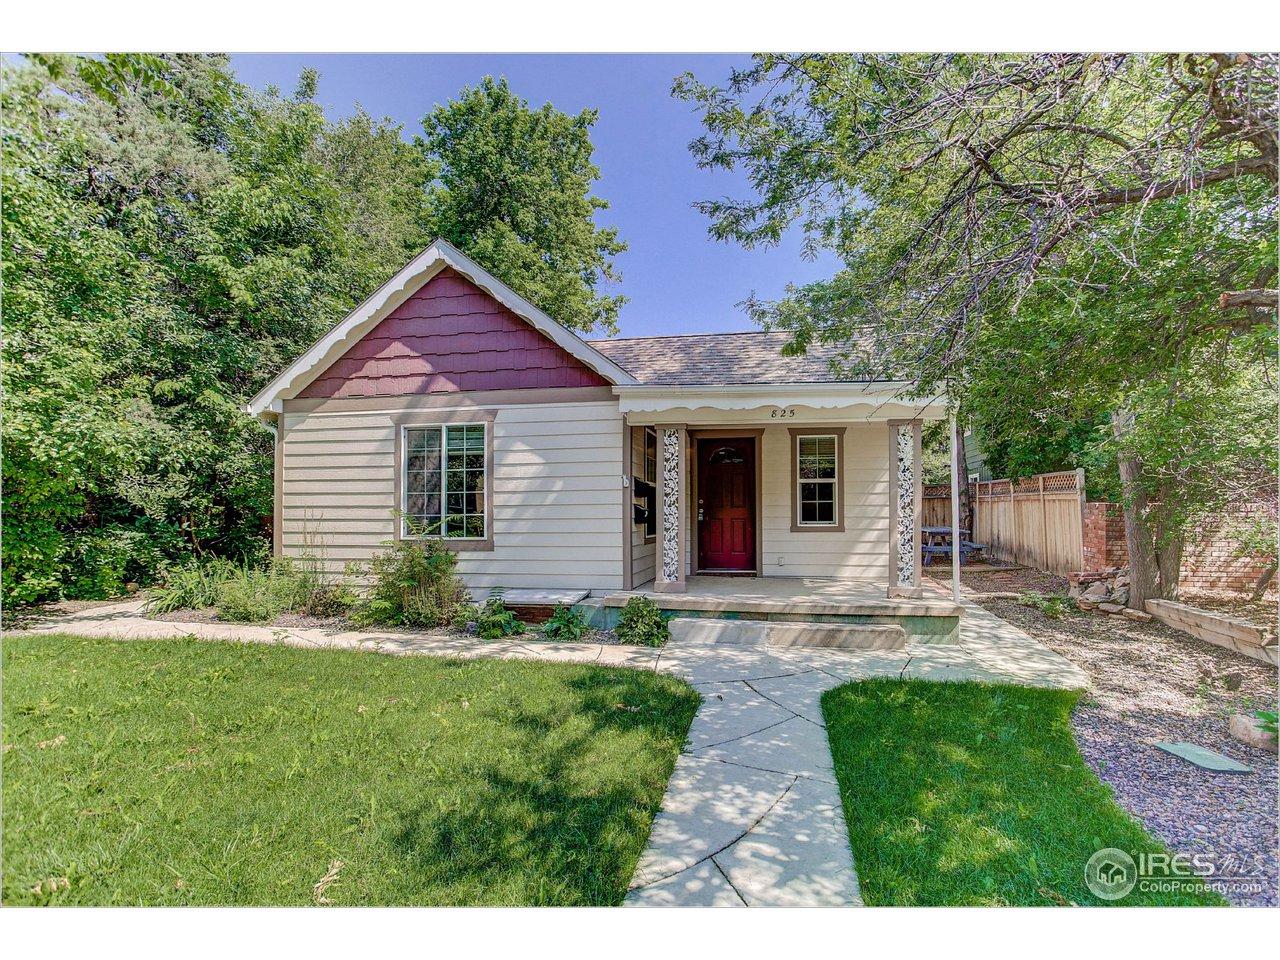 825 North St, Boulder CO 80304